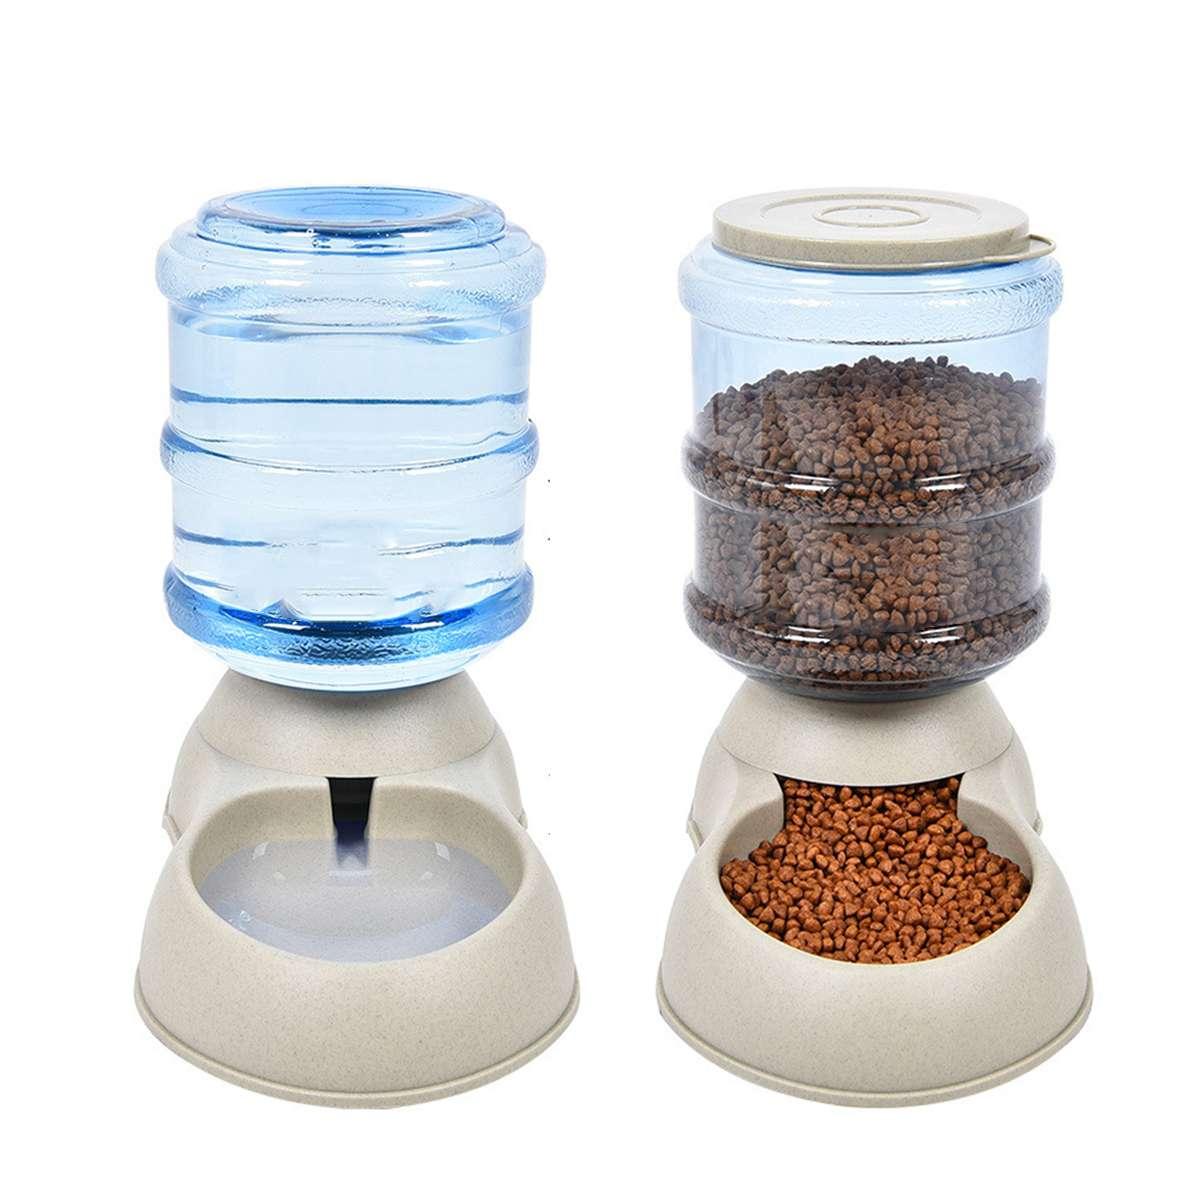 Bebedor y alimentador automático grande para perros y gatos de 3,75 L, dispensador de agua para alimentos, plato para mascotas